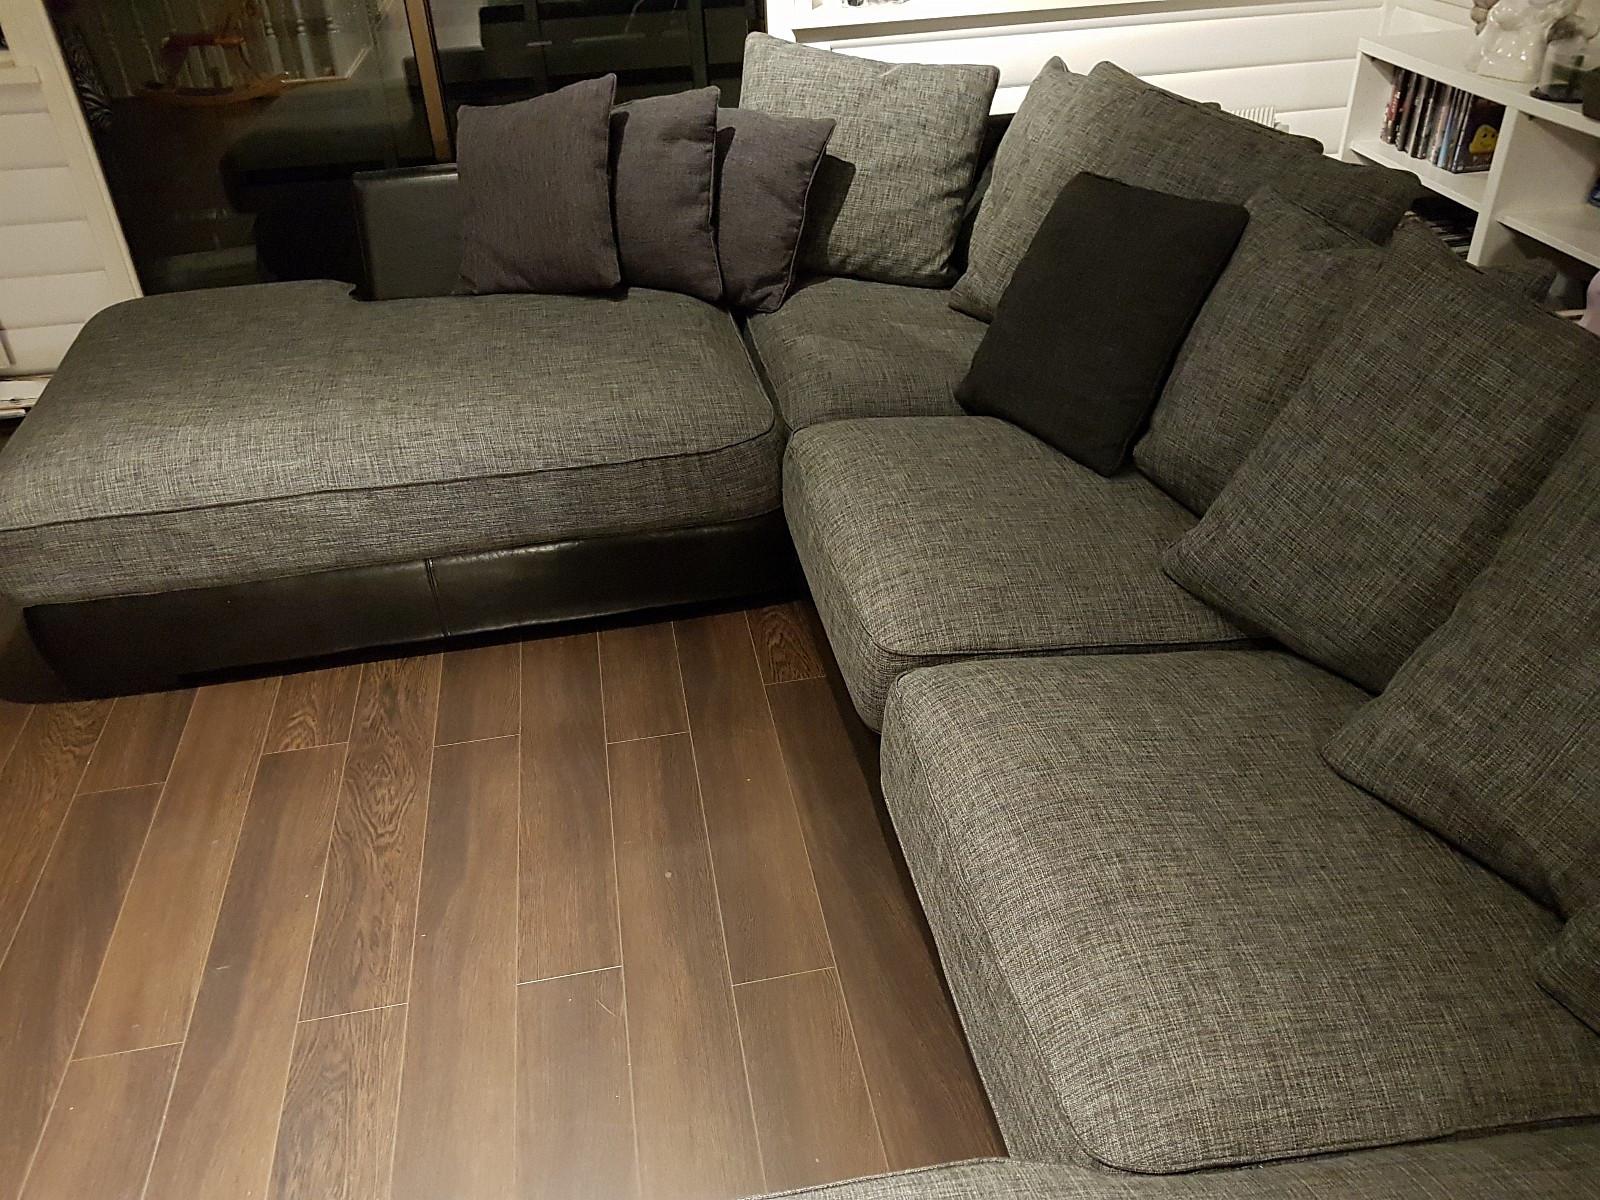 Boston sofa - Hommersåk  - Pent brukt Boston sofa til salgs. Hel og fin, uten tegn til skader. - Hommersåk